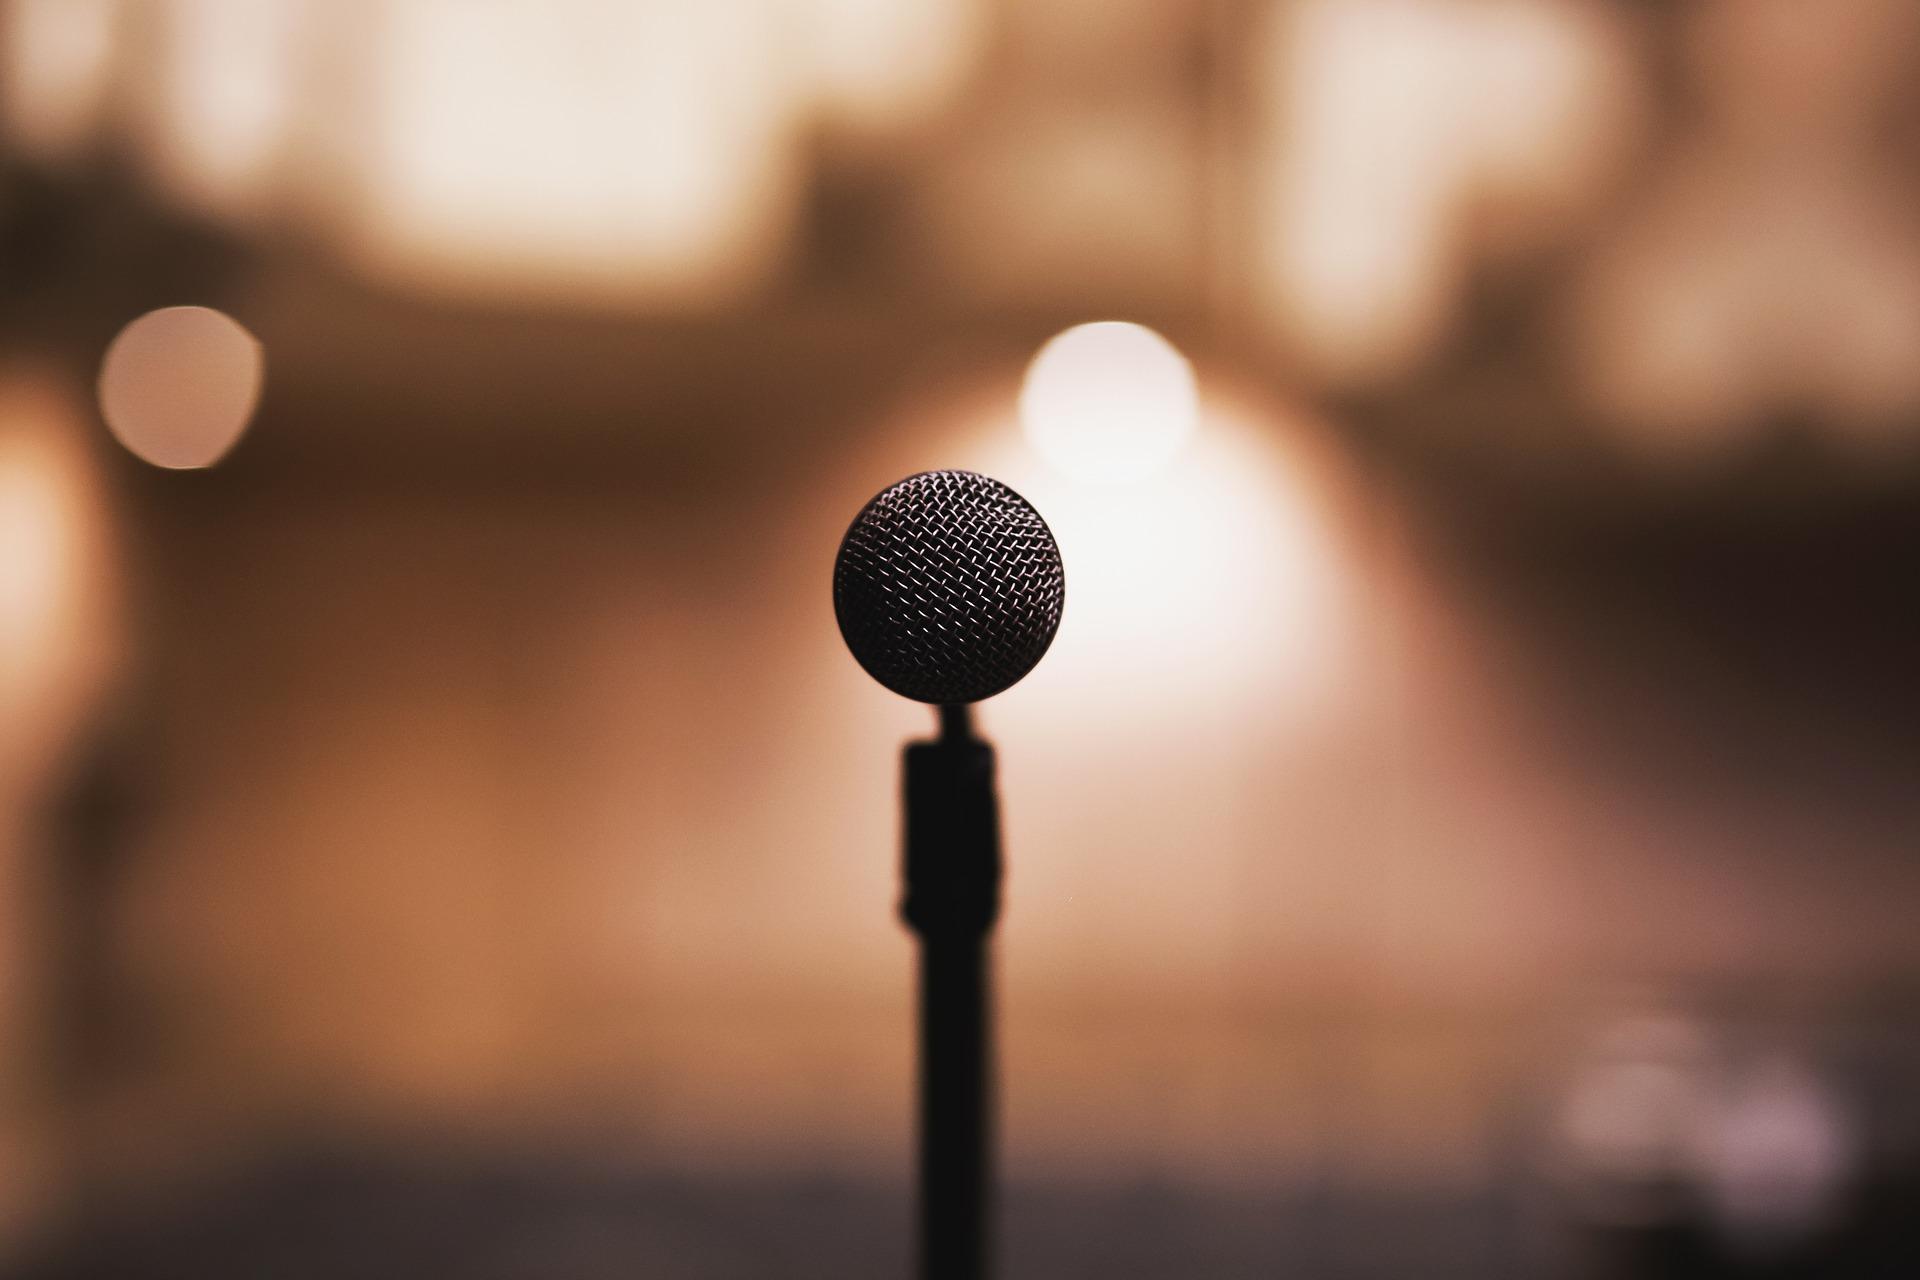 microfono voz